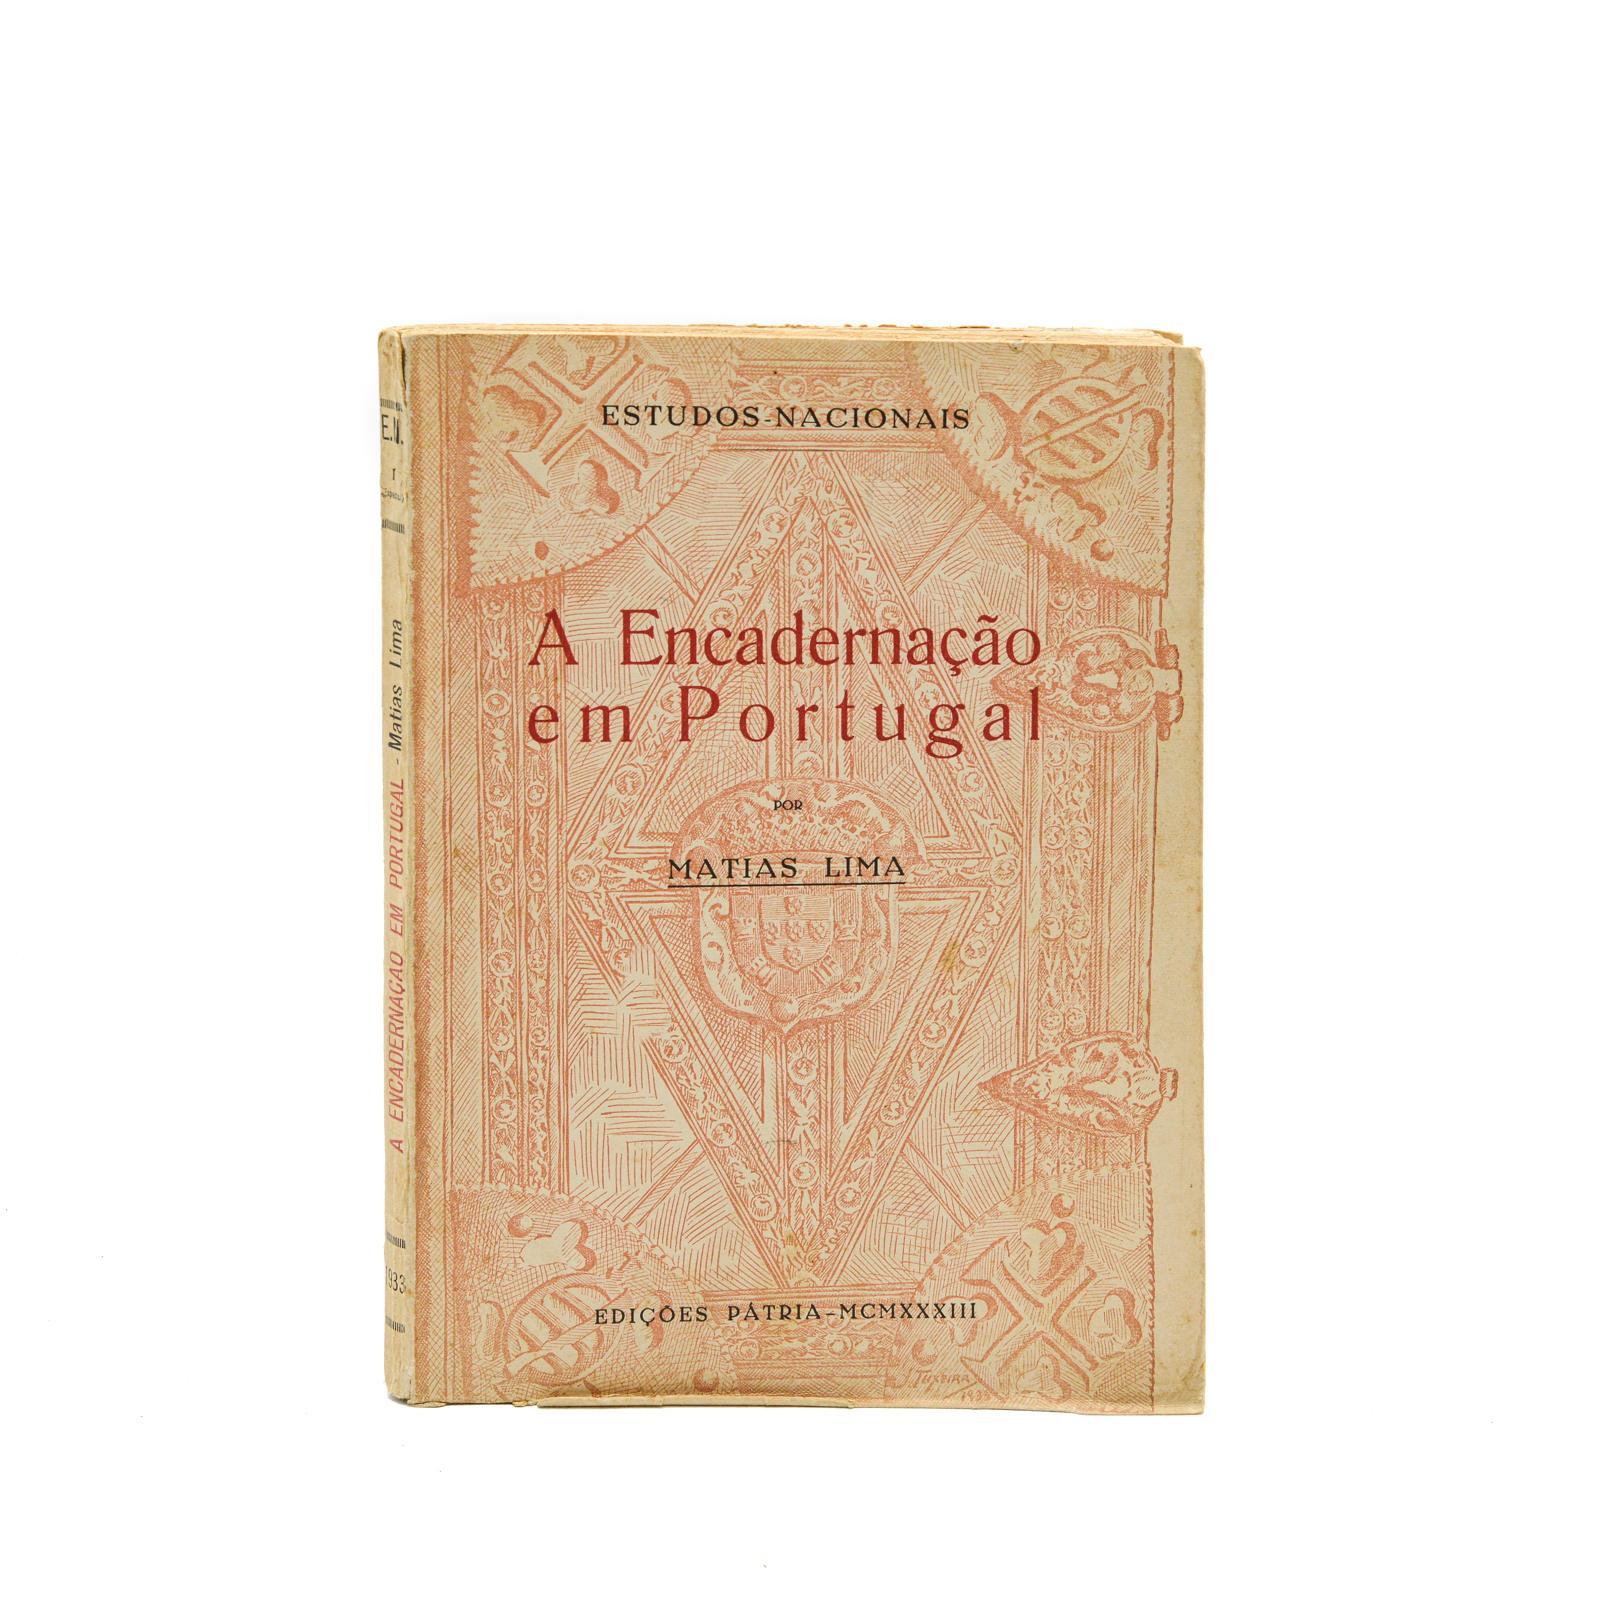 A ENCADERNAÇÃO EM PORTUGAL, 1 vol. br.